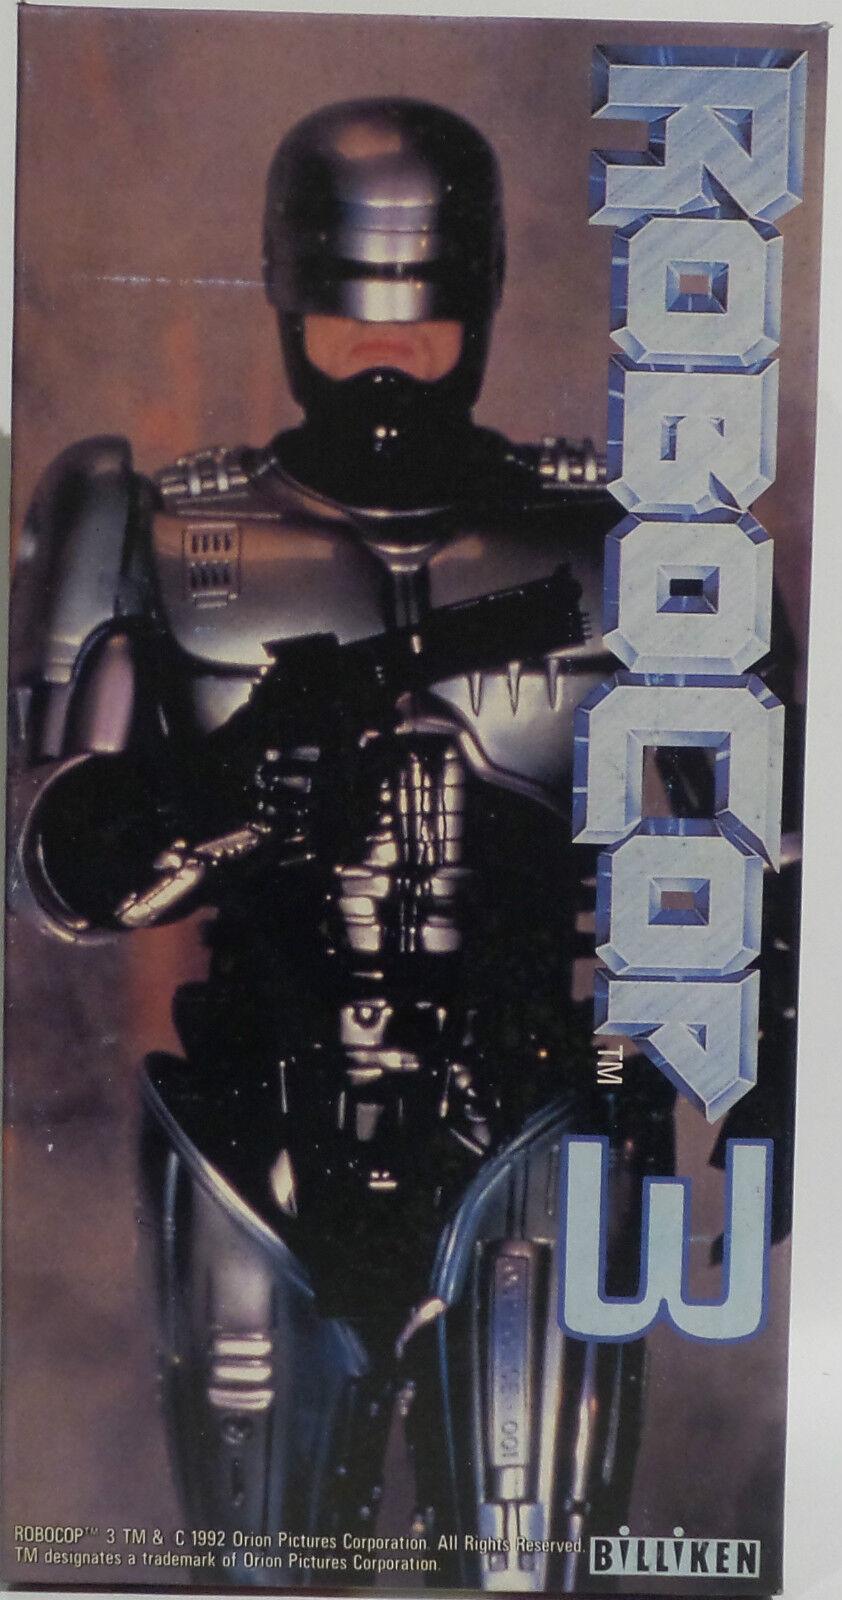 Robocop  Robocop Plato De Estaño Wind Up figura hecha por BILLIKEN en 1992